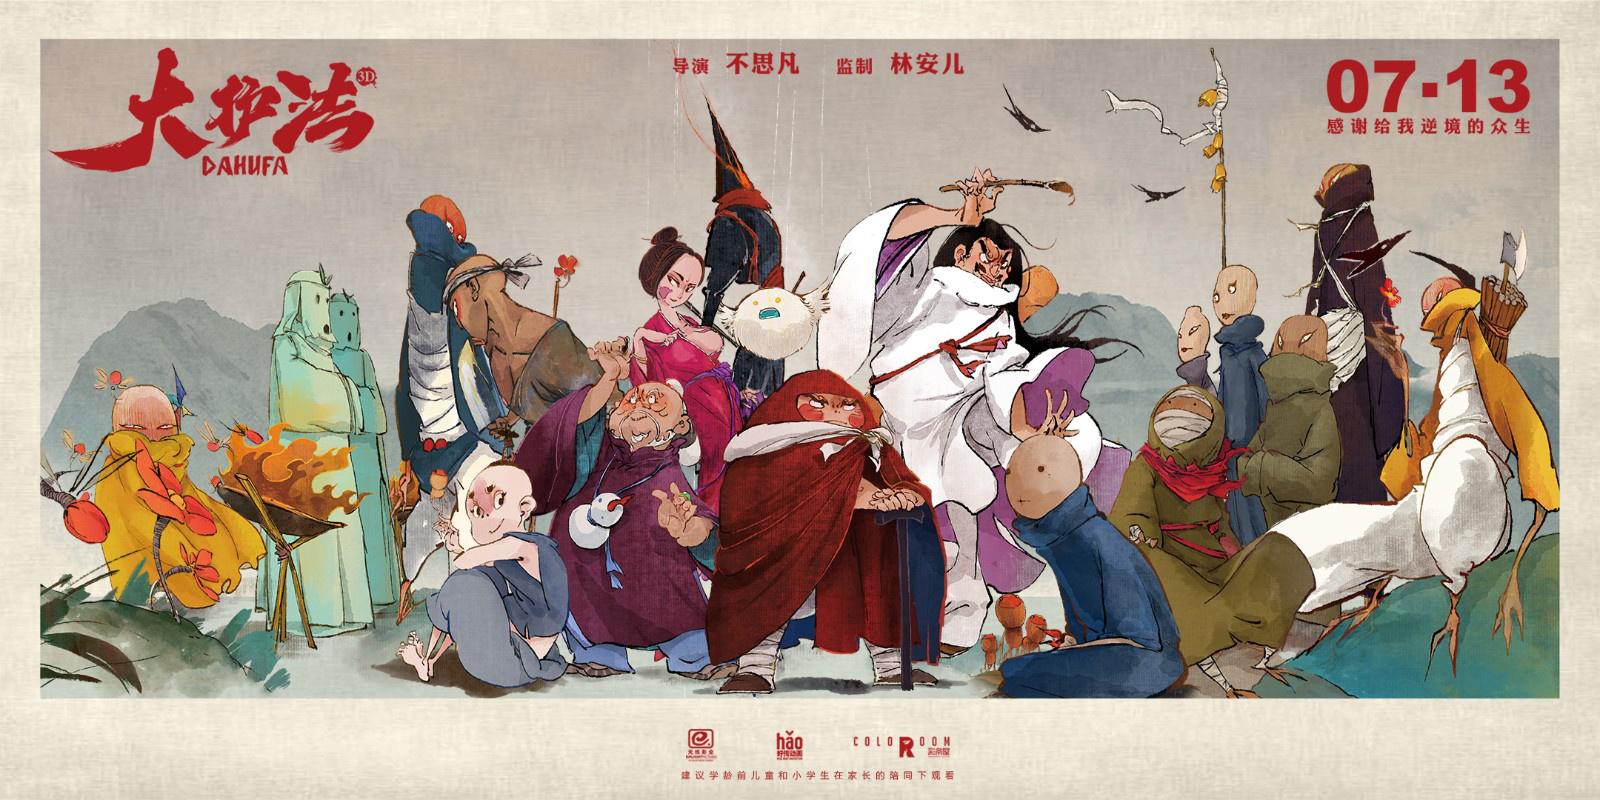 联博开奖网:《大理寺日志》筹备续集 你体贴的国漫动态来了 第12张